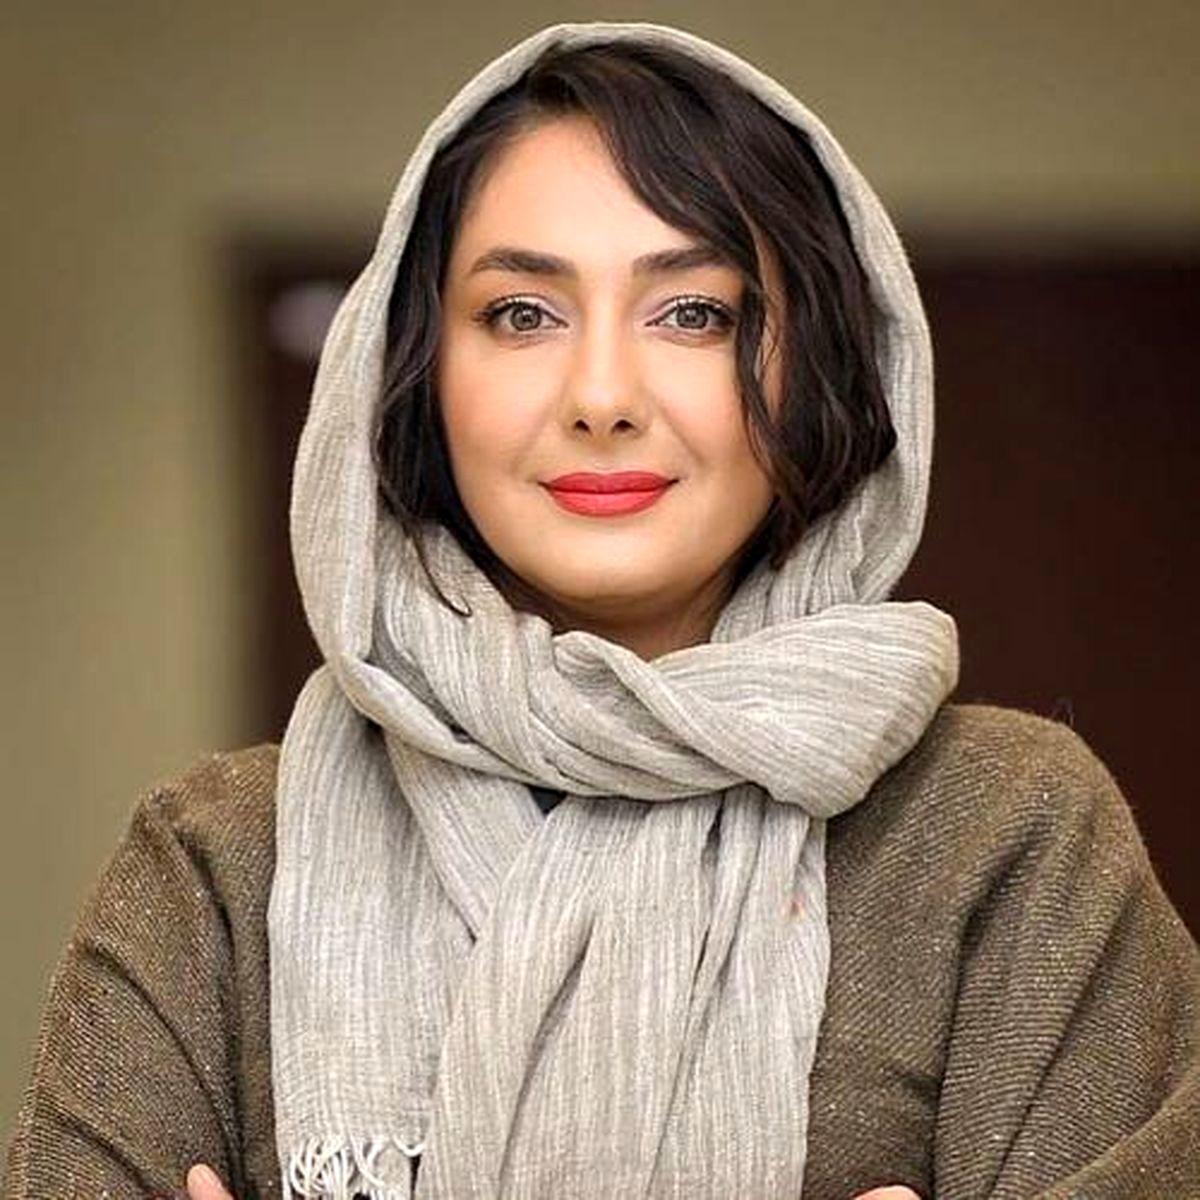 دلیل ازدواج نکردن هانیه توسلی فاش شد + فیلم